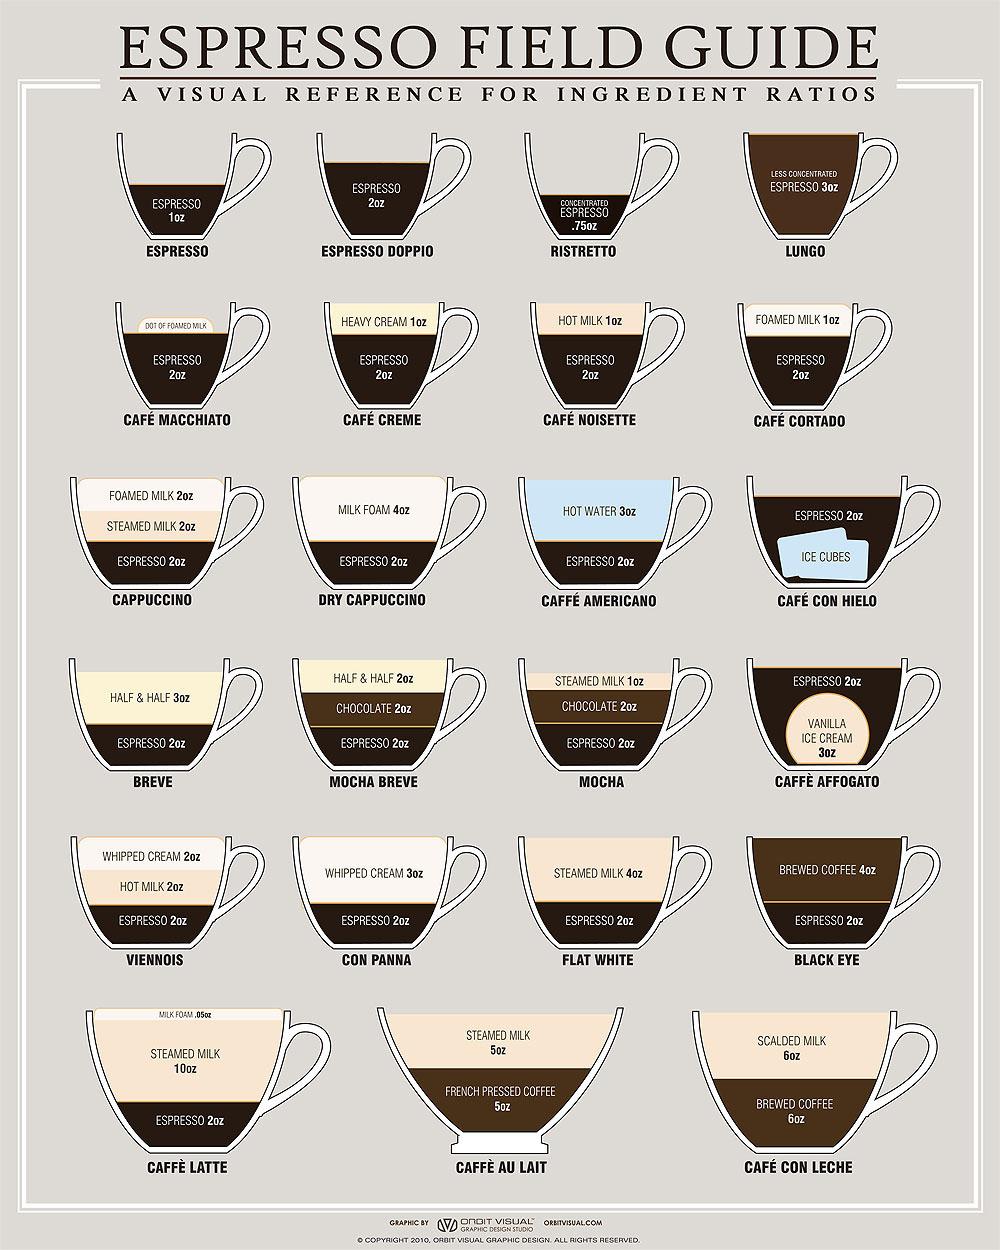 Espresso Macchiato Wikipedia